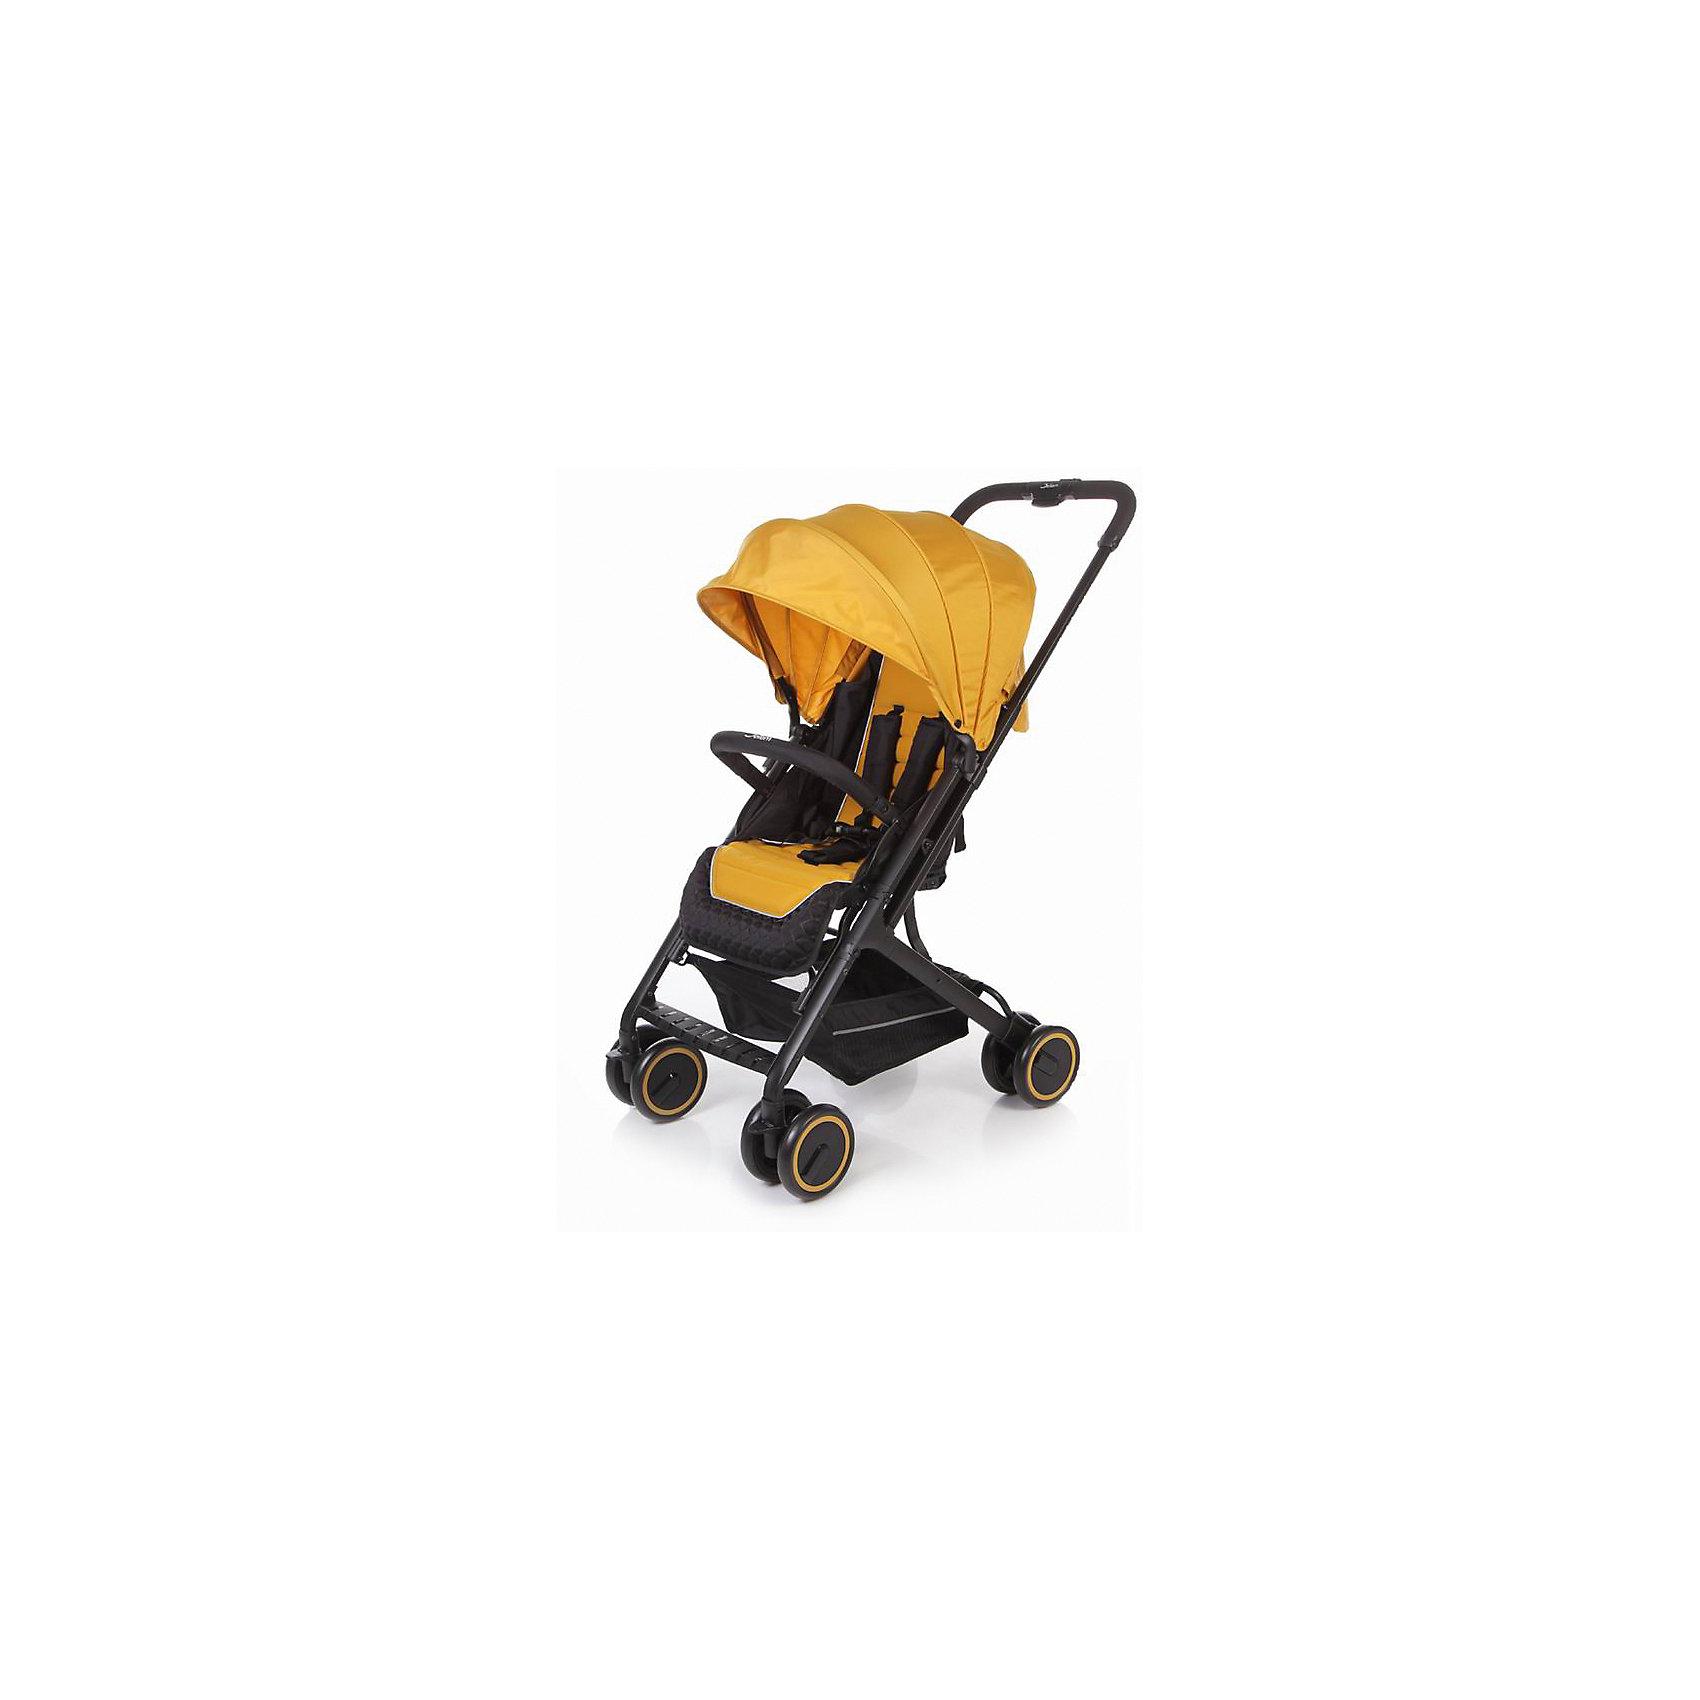 Прогулочная коляска Micro, Jetem, тёмно-жёлтыйJetem  Micro - новая прогулочная коляска, легкая и маневренная. Особенностью данной модели является телескопическая ручка, которая позволяет  компактно сложить коляску.Высота спинки регулируется плавно с помощью ремней. Коляску можно легко и компактно сложить одной рукой. В комплекте есть чехол на ножки и корзинка для покупок. Коляска имеет 5-ти точечные ремни безопасности и регулируемую подножку. <br>Особенности:·         алюминиевая рама·         телескопическая ручка·         5-ти точеные ремни безопасности·         съемный бампер с мягкой обивкой·         очень компактное складывание·         спинка регулируется при помощи ремней·         ножная тормозная система·         регулируемая подножка·         амортизация передних и задних колёс·         коляска может стоять в сложенном состоянии<br>Комплектация:·         Чехол на ноги<br>Характеристики:·         диаметр колес: передние – 15.3 см, задние — 15.3 см·         тип колес: передние-двойные, задние- двойные·         механизм складывания: книжка·         вес: 6.1 кг·         ширина сиденья: 31.5 см·         размер корзины: 33х32х13.5 см·         размер в разложенном виде: 68х51х94 см·         размер в сложенном виде: 70х51х29 см<br><br>Ширина мм: 530<br>Глубина мм: 520<br>Высота мм: 260<br>Вес г: 7800<br>Возраст от месяцев: 6<br>Возраст до месяцев: 36<br>Пол: Унисекс<br>Возраст: Детский<br>SKU: 5493340